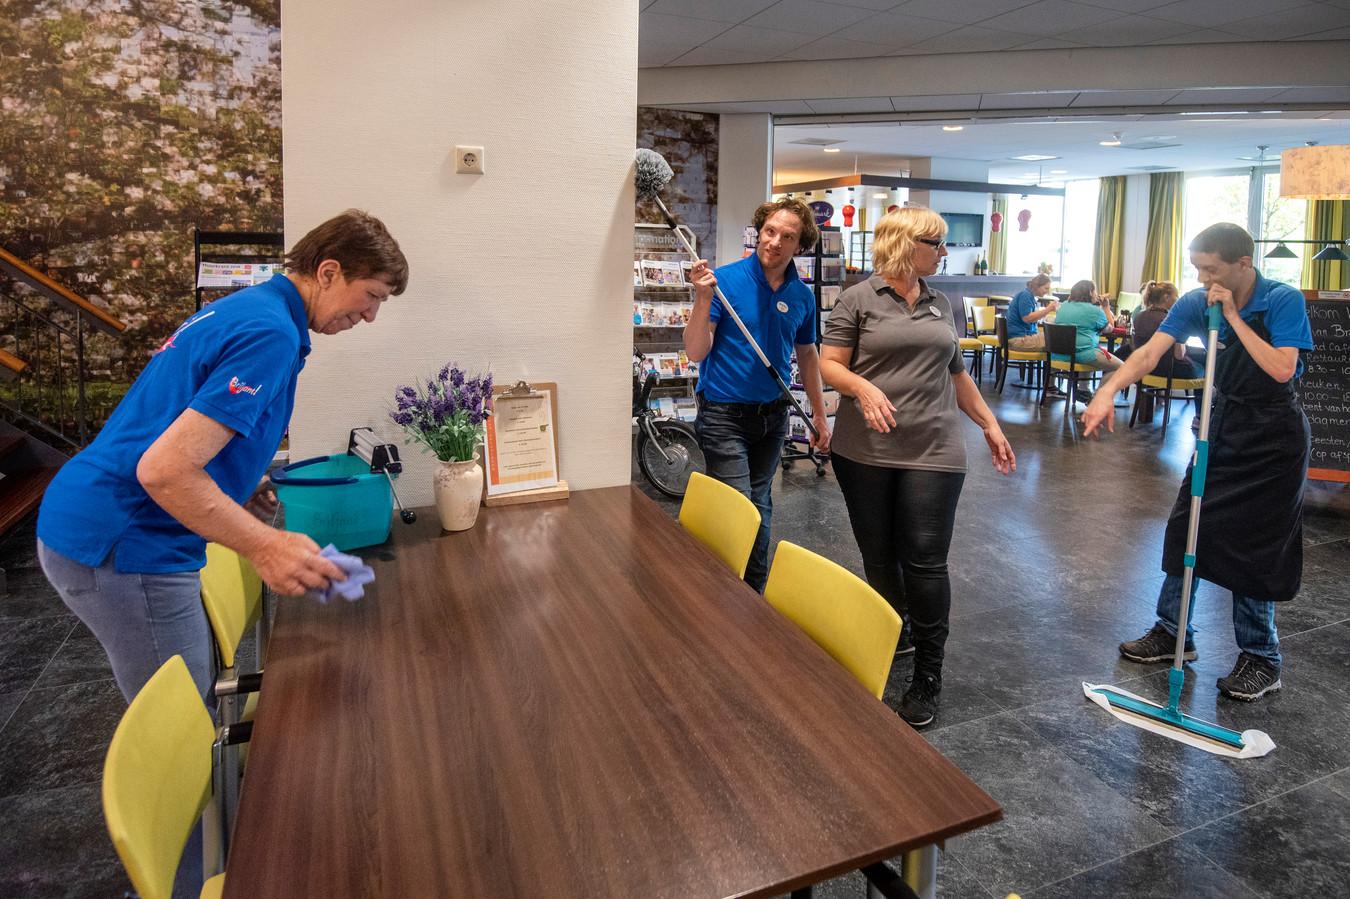 Carolien, Tim en Michael maken, onder leiding van Jolande (bruin shirt), de boel schoon in verpleeg- en verzorgingshuis Sint Jozef.